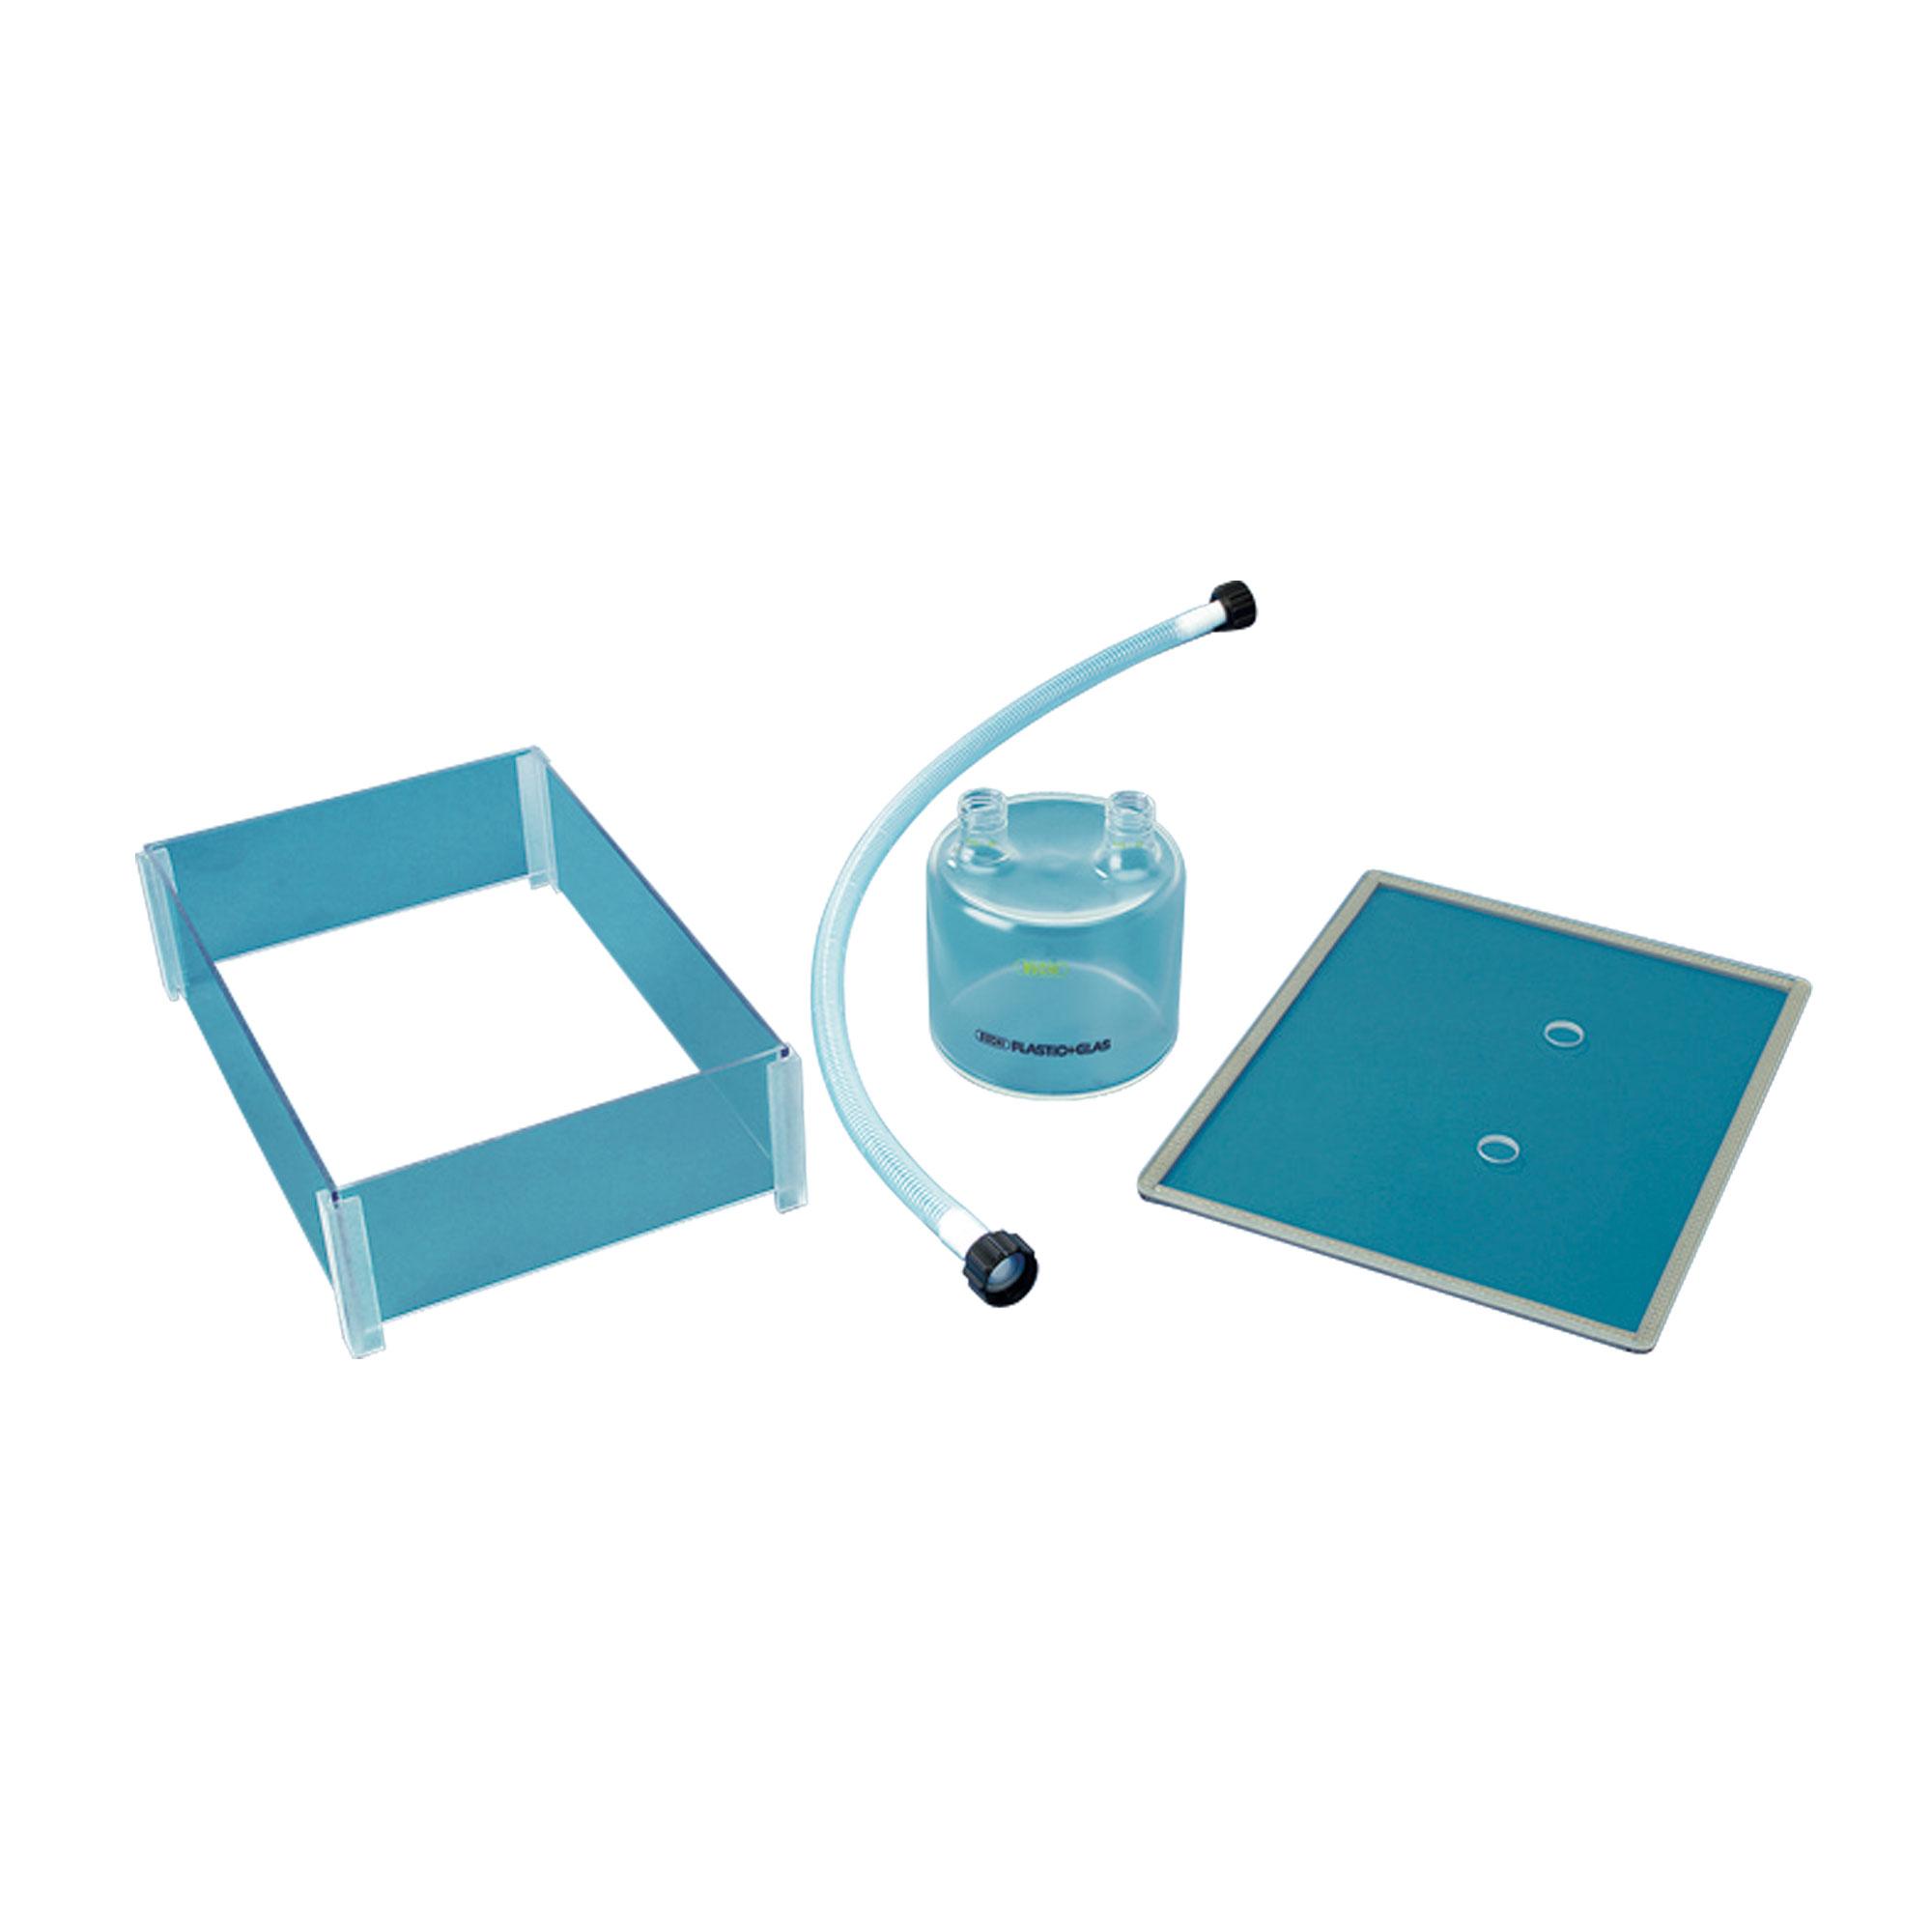 ラック用断熱材セット(高沸点溶媒用)